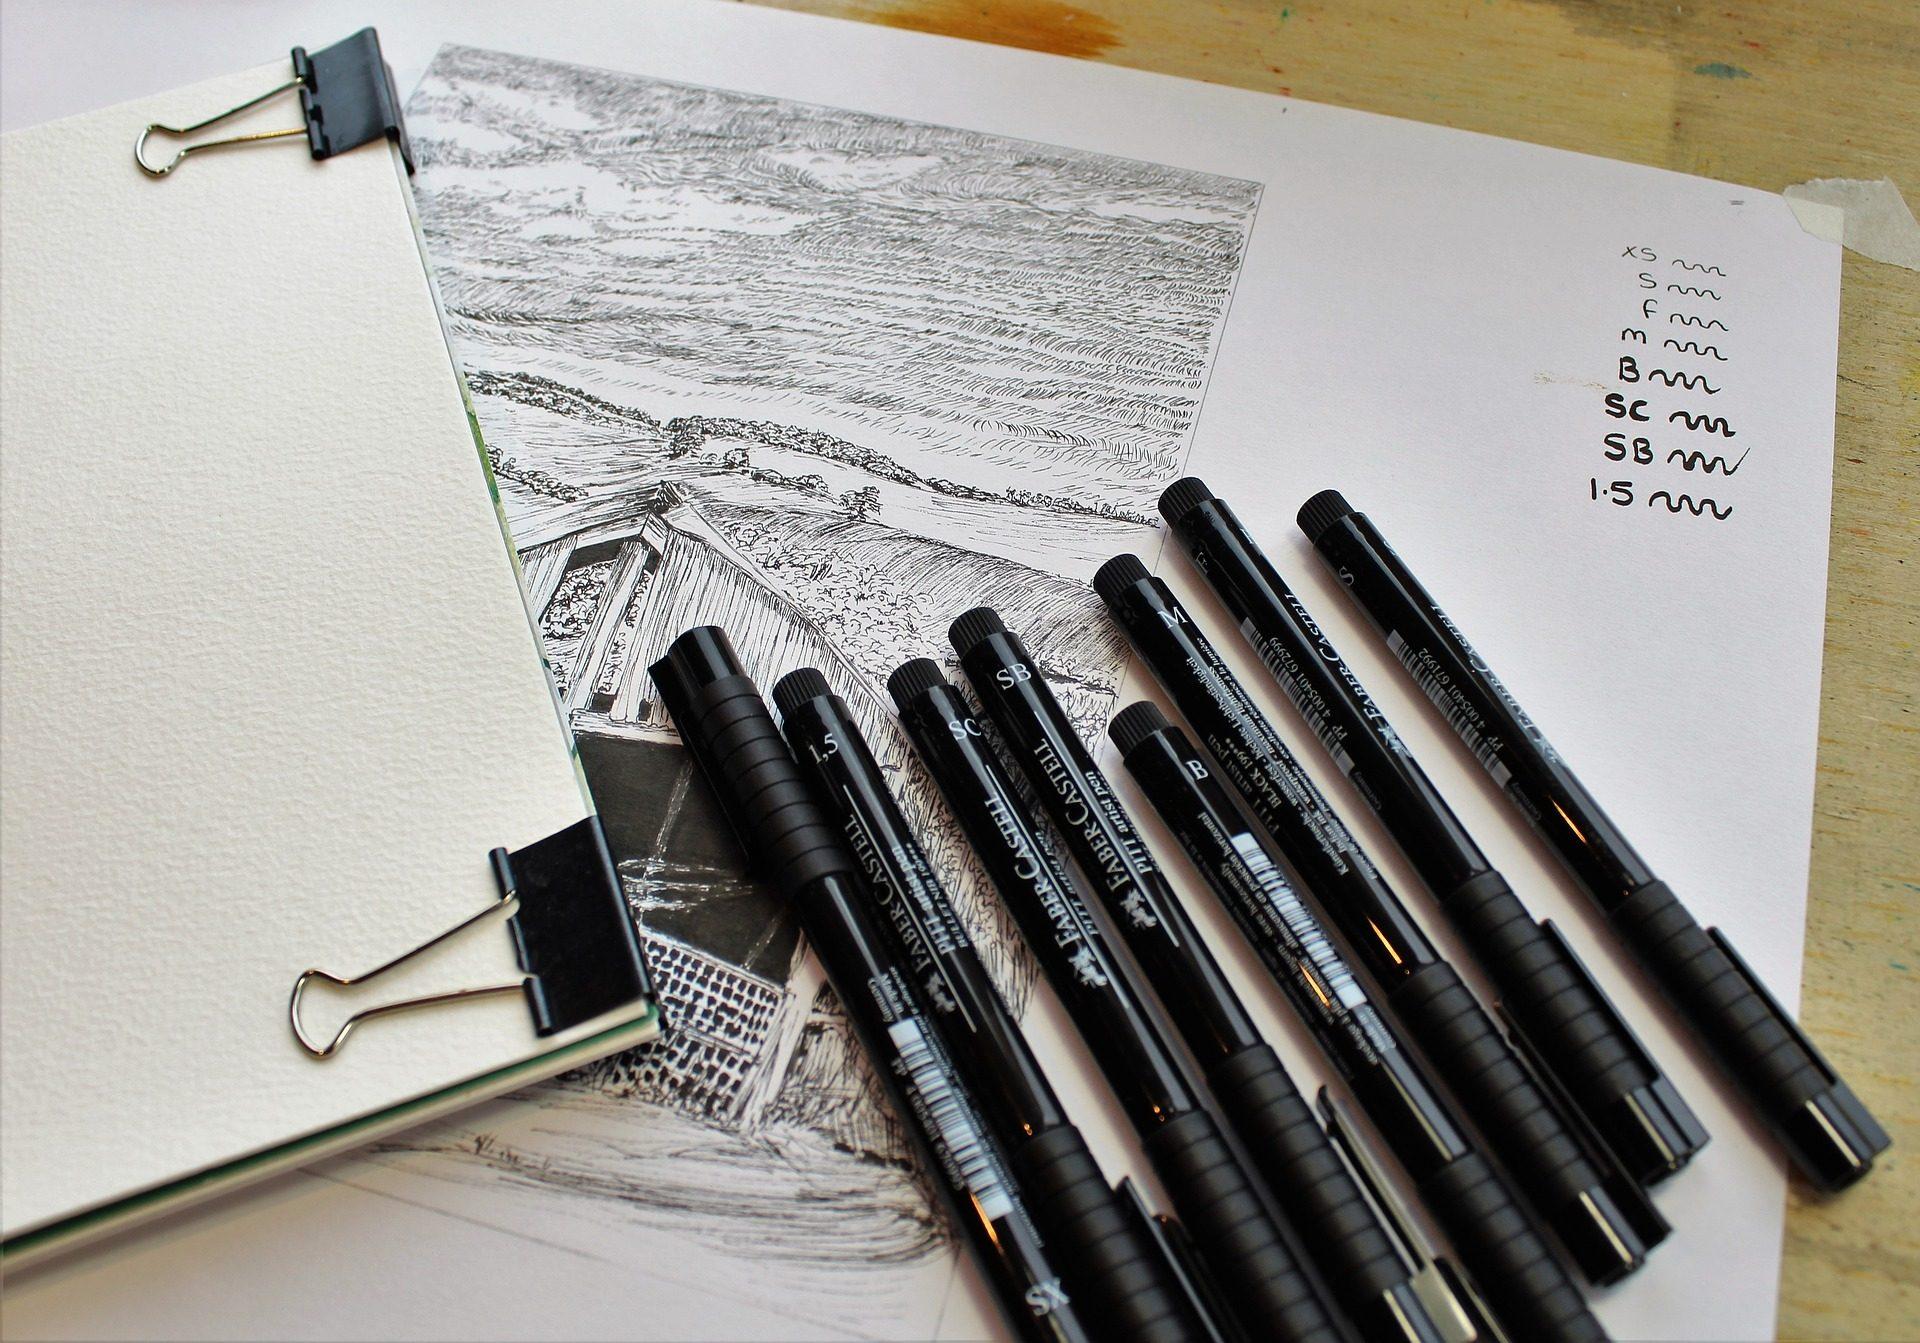 Filzstifte, Zeichnung, Diseño, Tinta, Papier, Kunst - Wallpaper HD - Prof.-falken.com